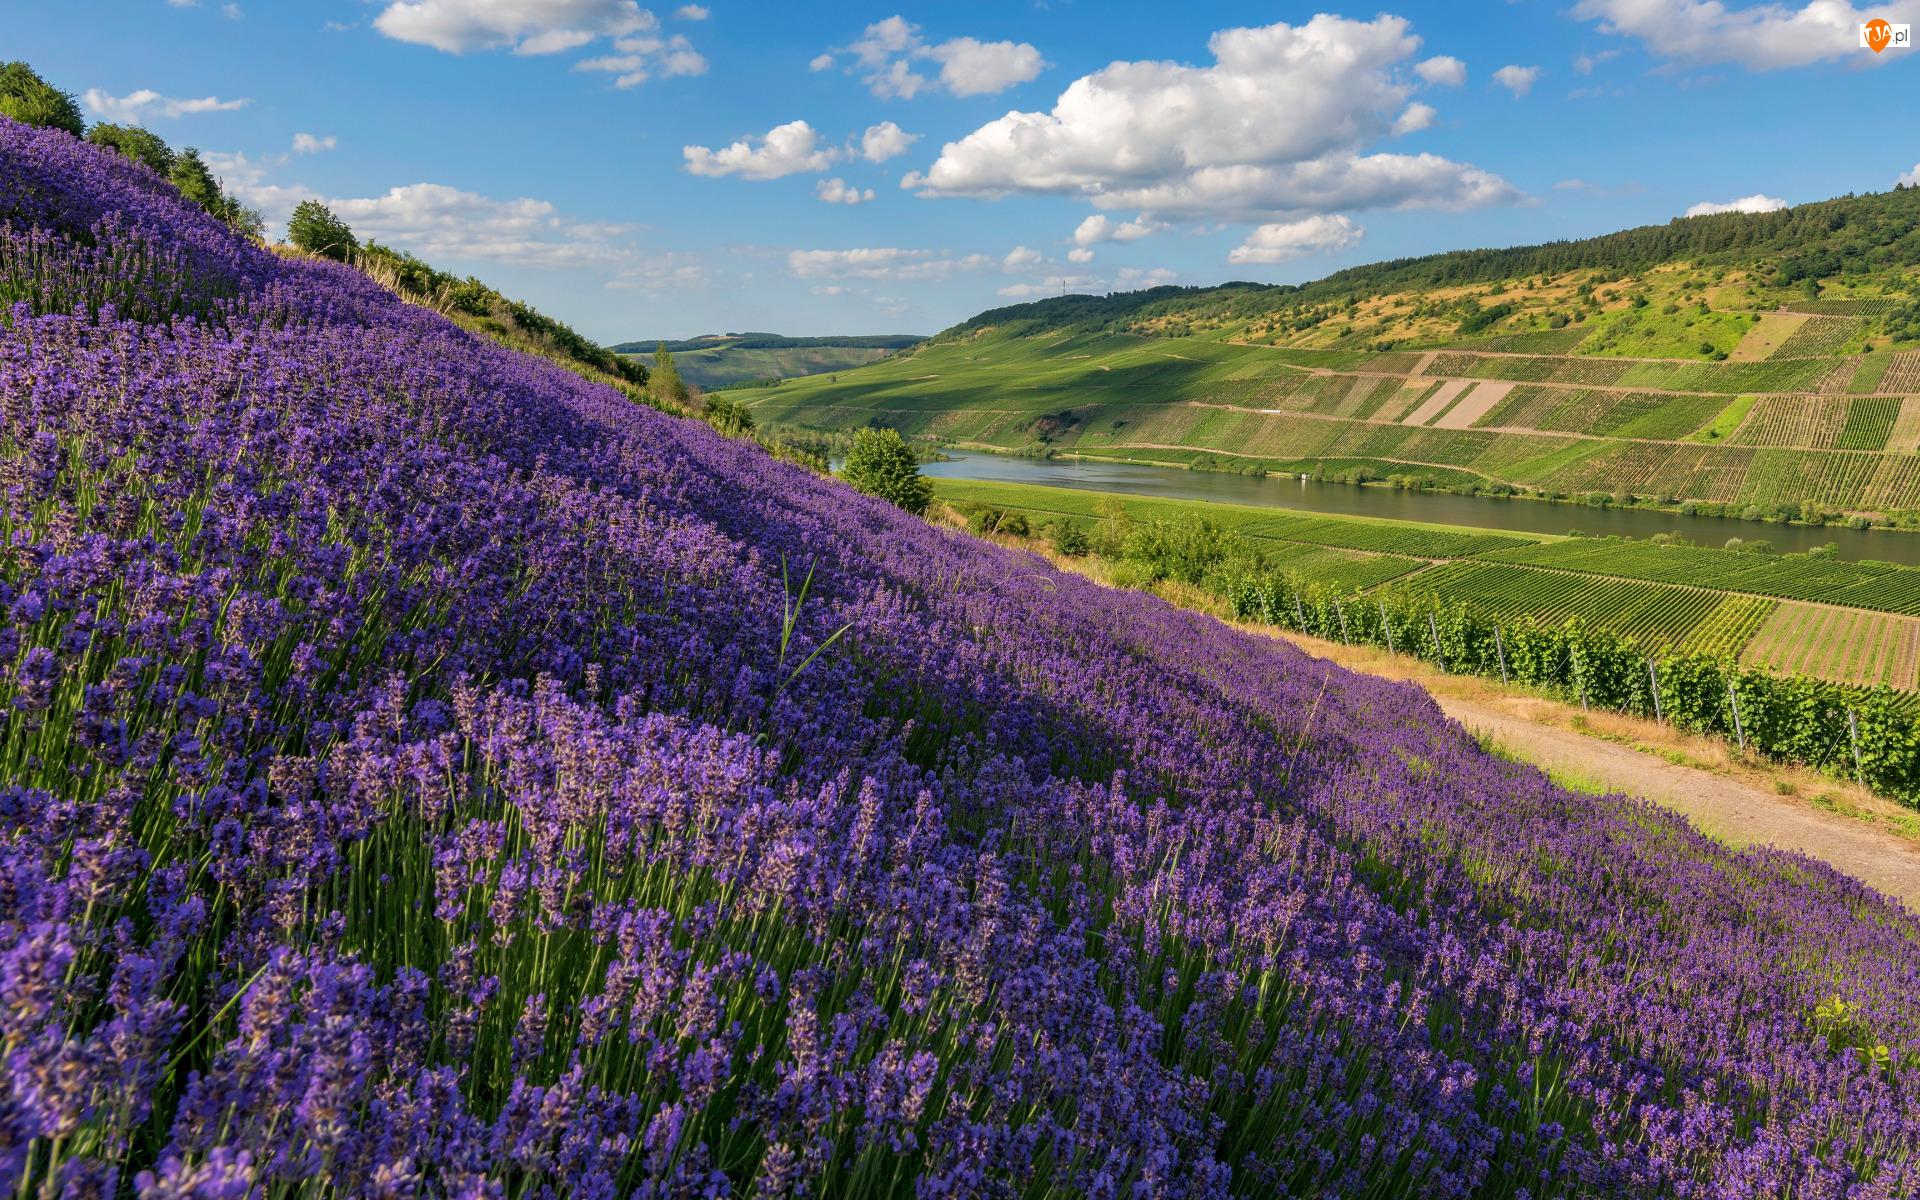 Winnice, Wzgórza, Lawenda, Rzeka, Pola, Dolina, Drzewa, Kwiaty